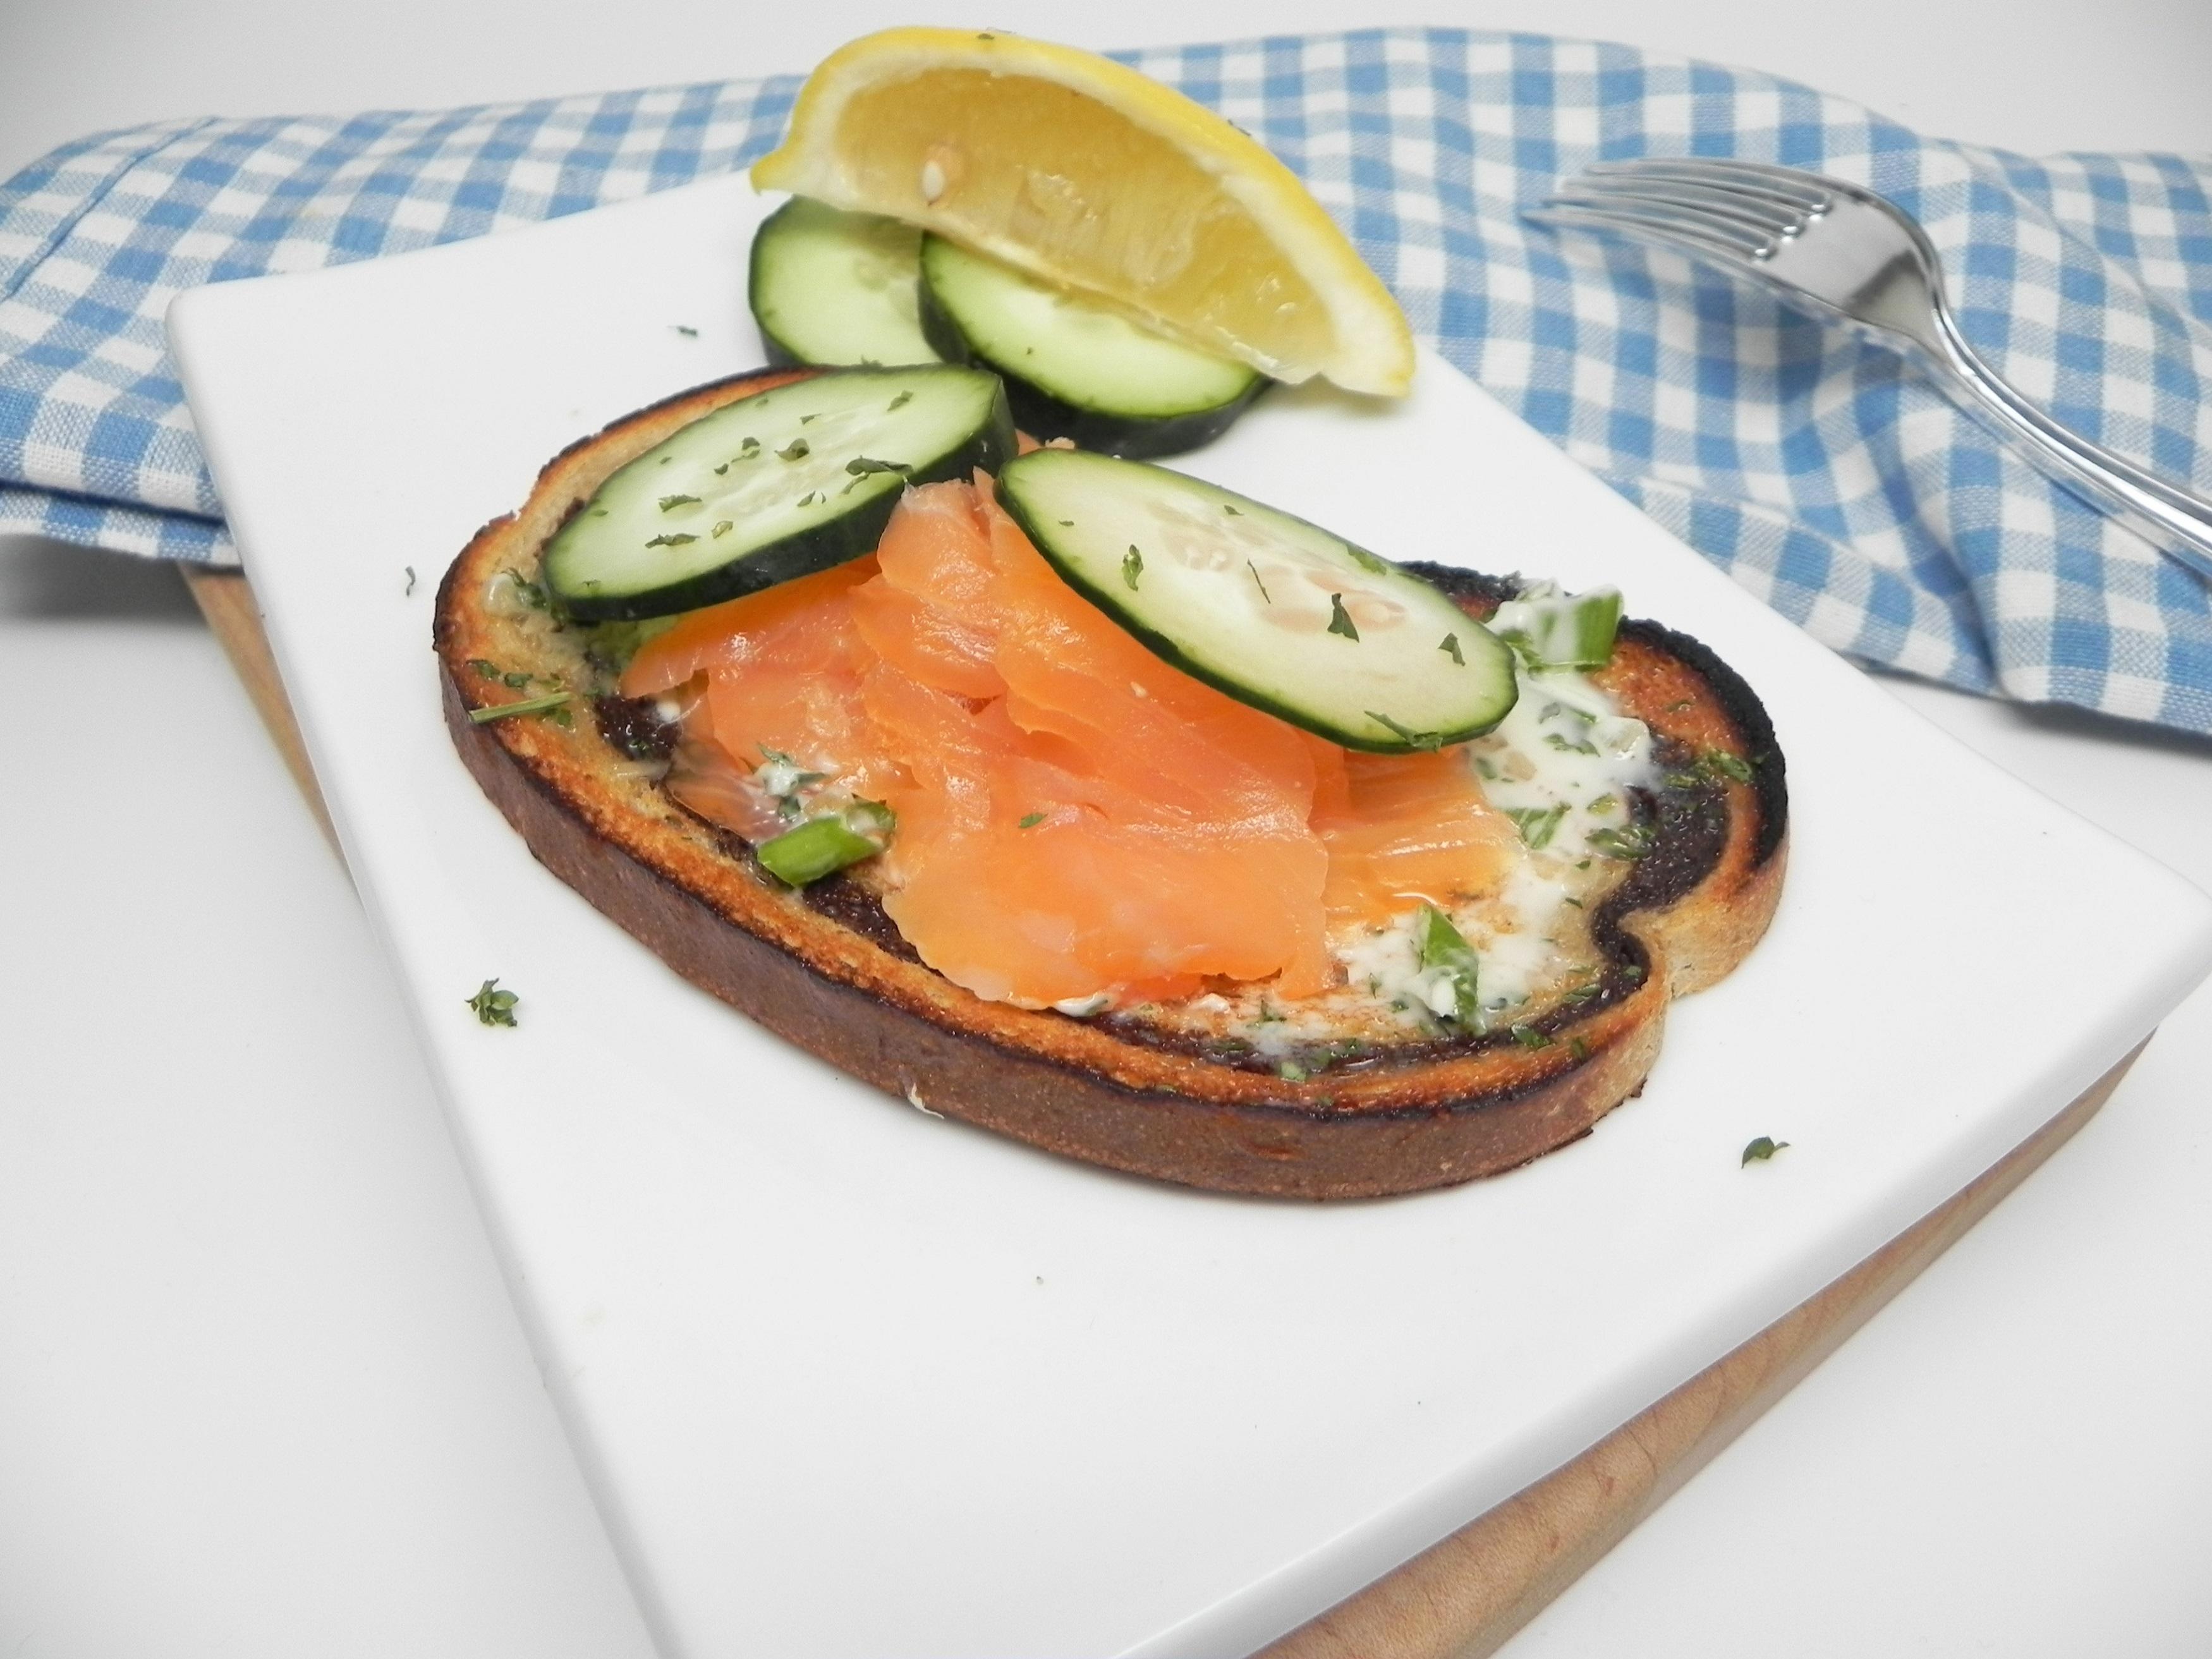 Elegant Open-Faced Smoked Salmon Sandwiches